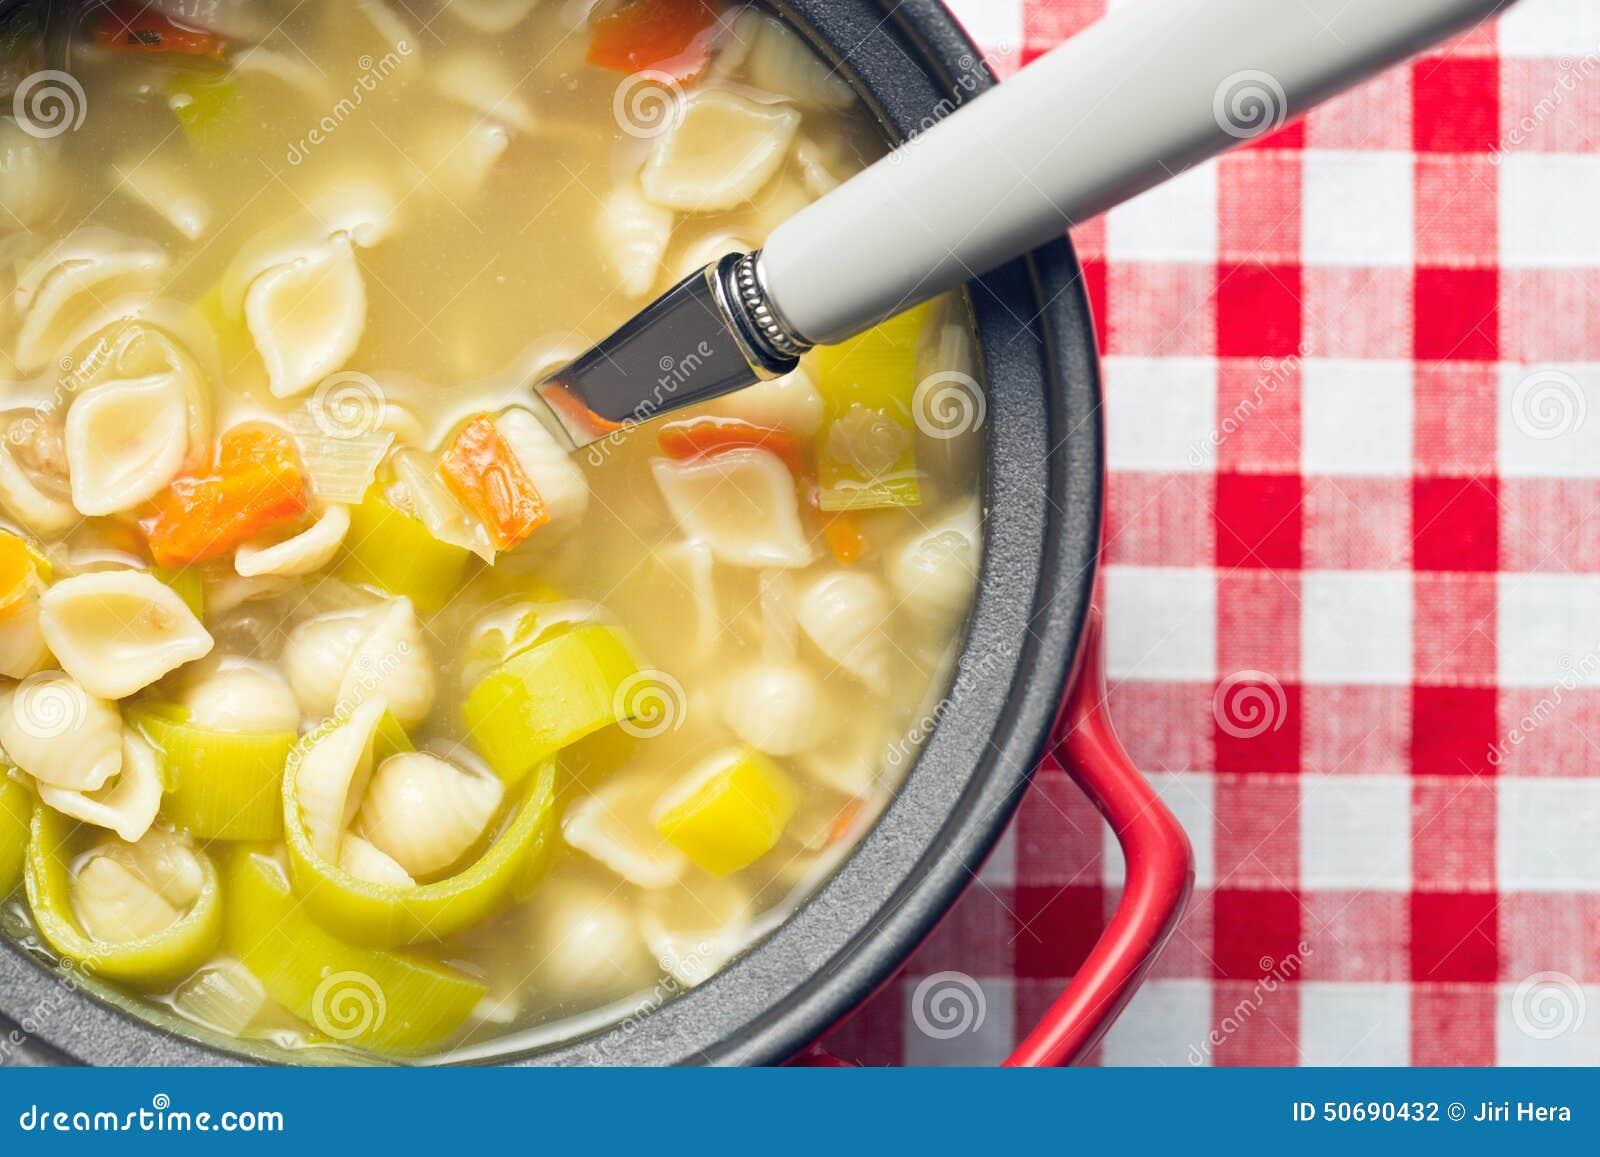 Download 与面团的蔬菜汤 库存照片. 图片 包括有 法国, 厨房, 食物, 苹果酱, 美食, 午餐, 红萝卜, 素食主义者 - 50690432